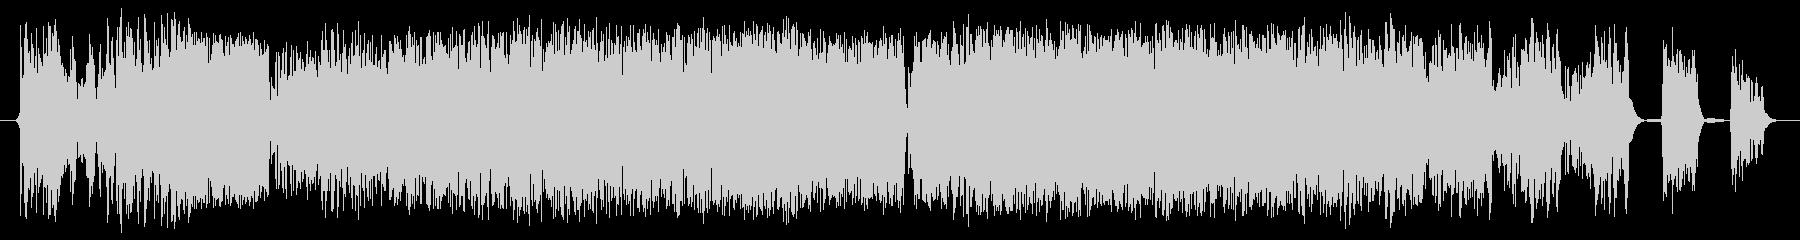 データ停止の未再生の波形